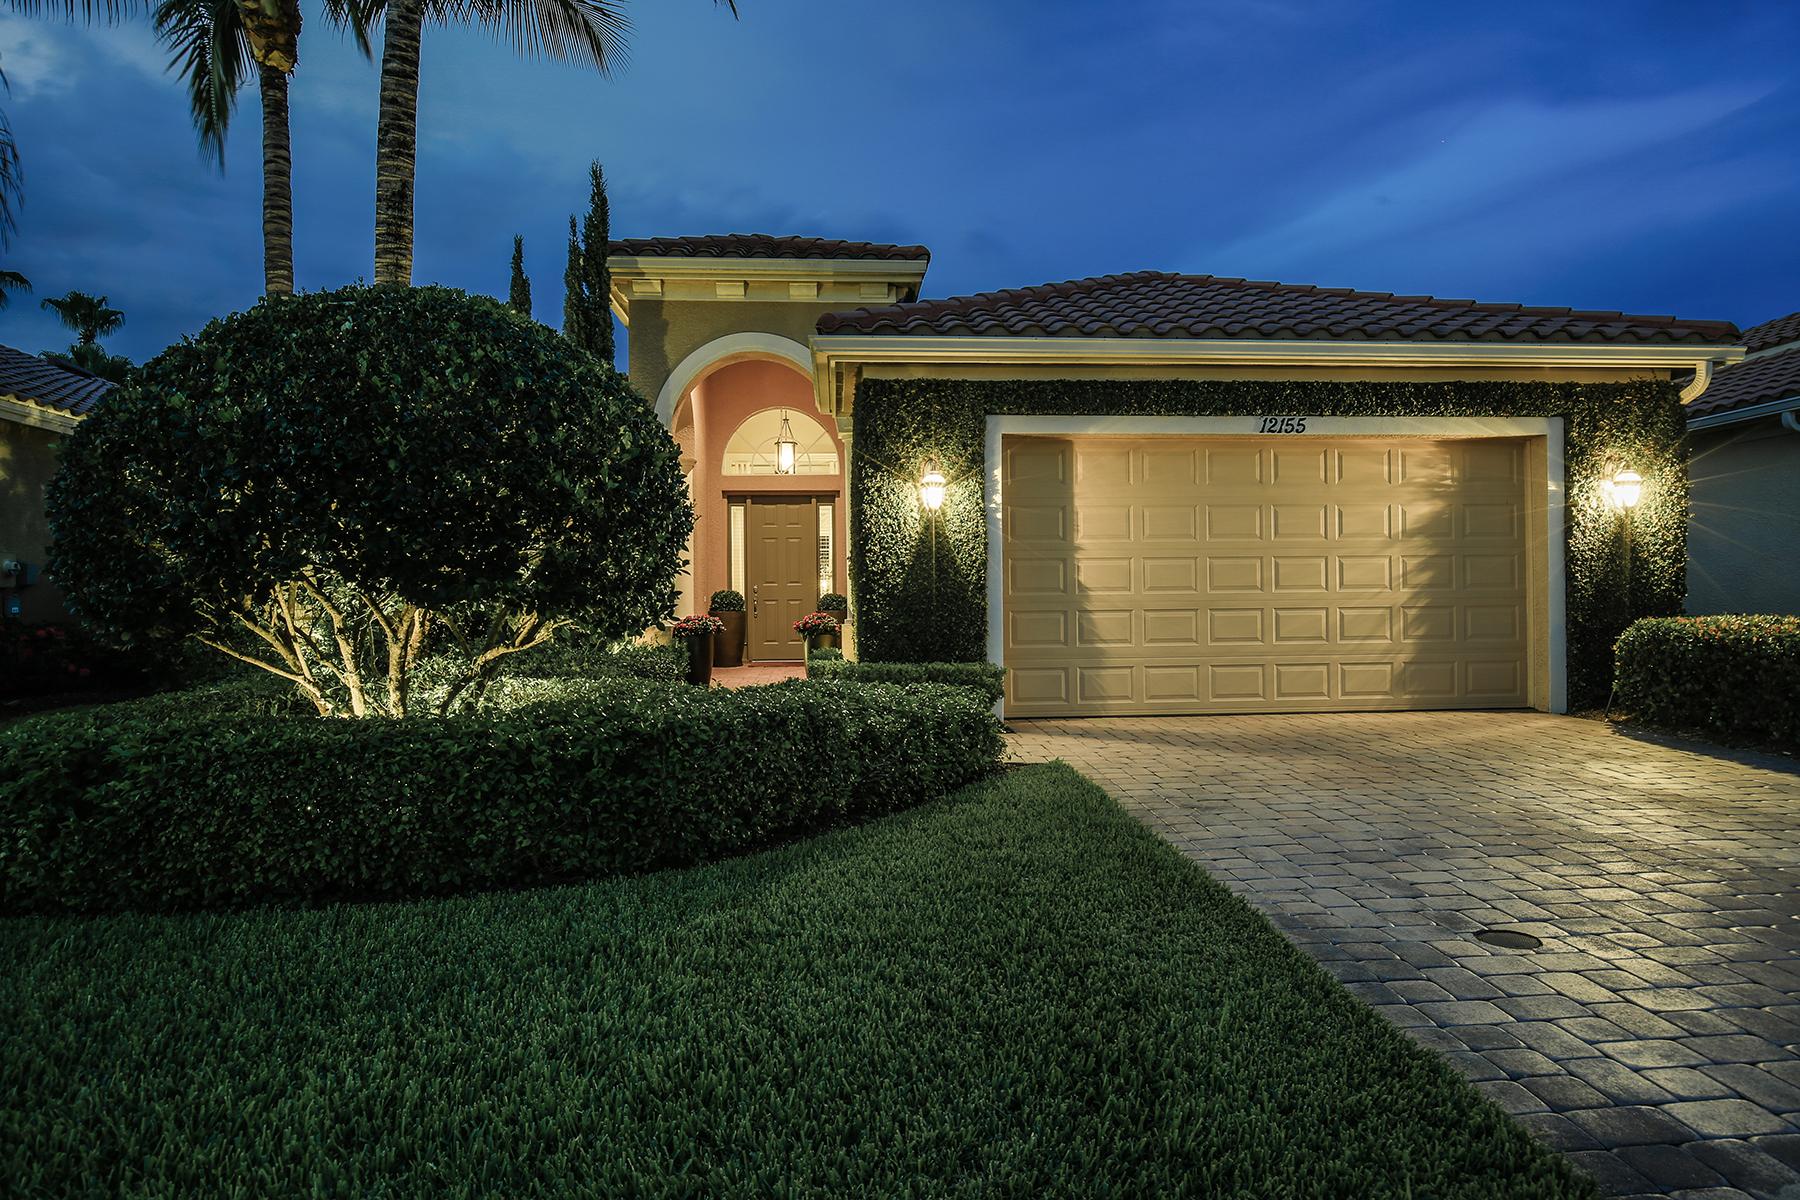 Casa Unifamiliar por un Venta en VASARI - CERCINA 12155 Via Cercina Dr Bonita Springs, Florida, 34135 Estados Unidos